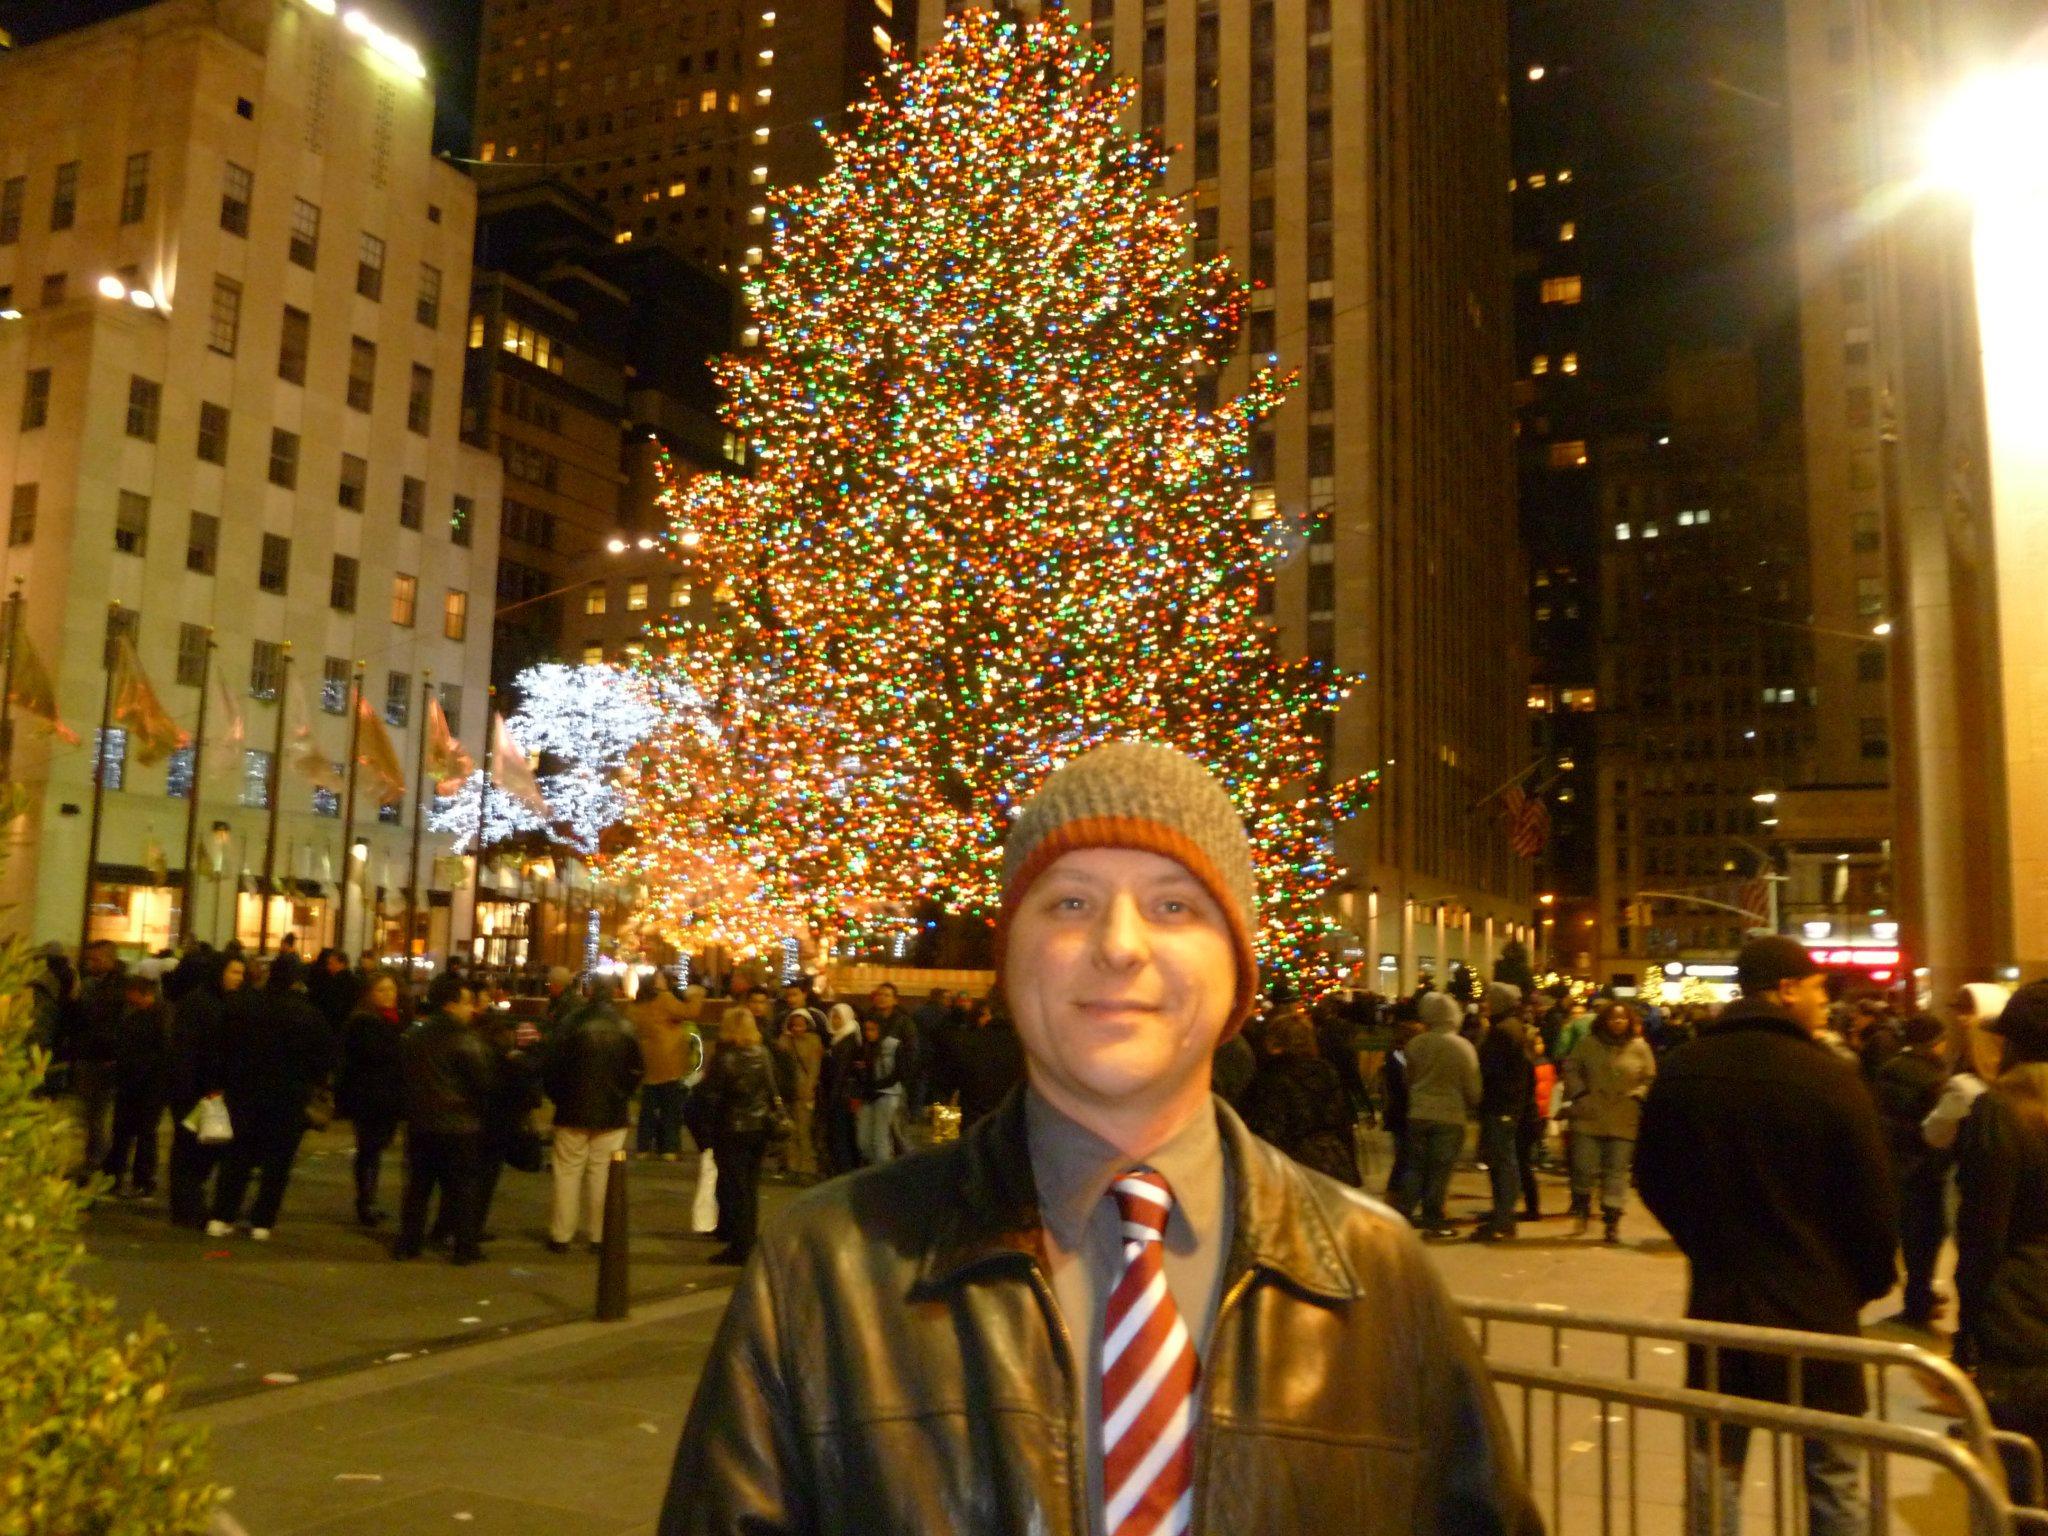 Dan and tree